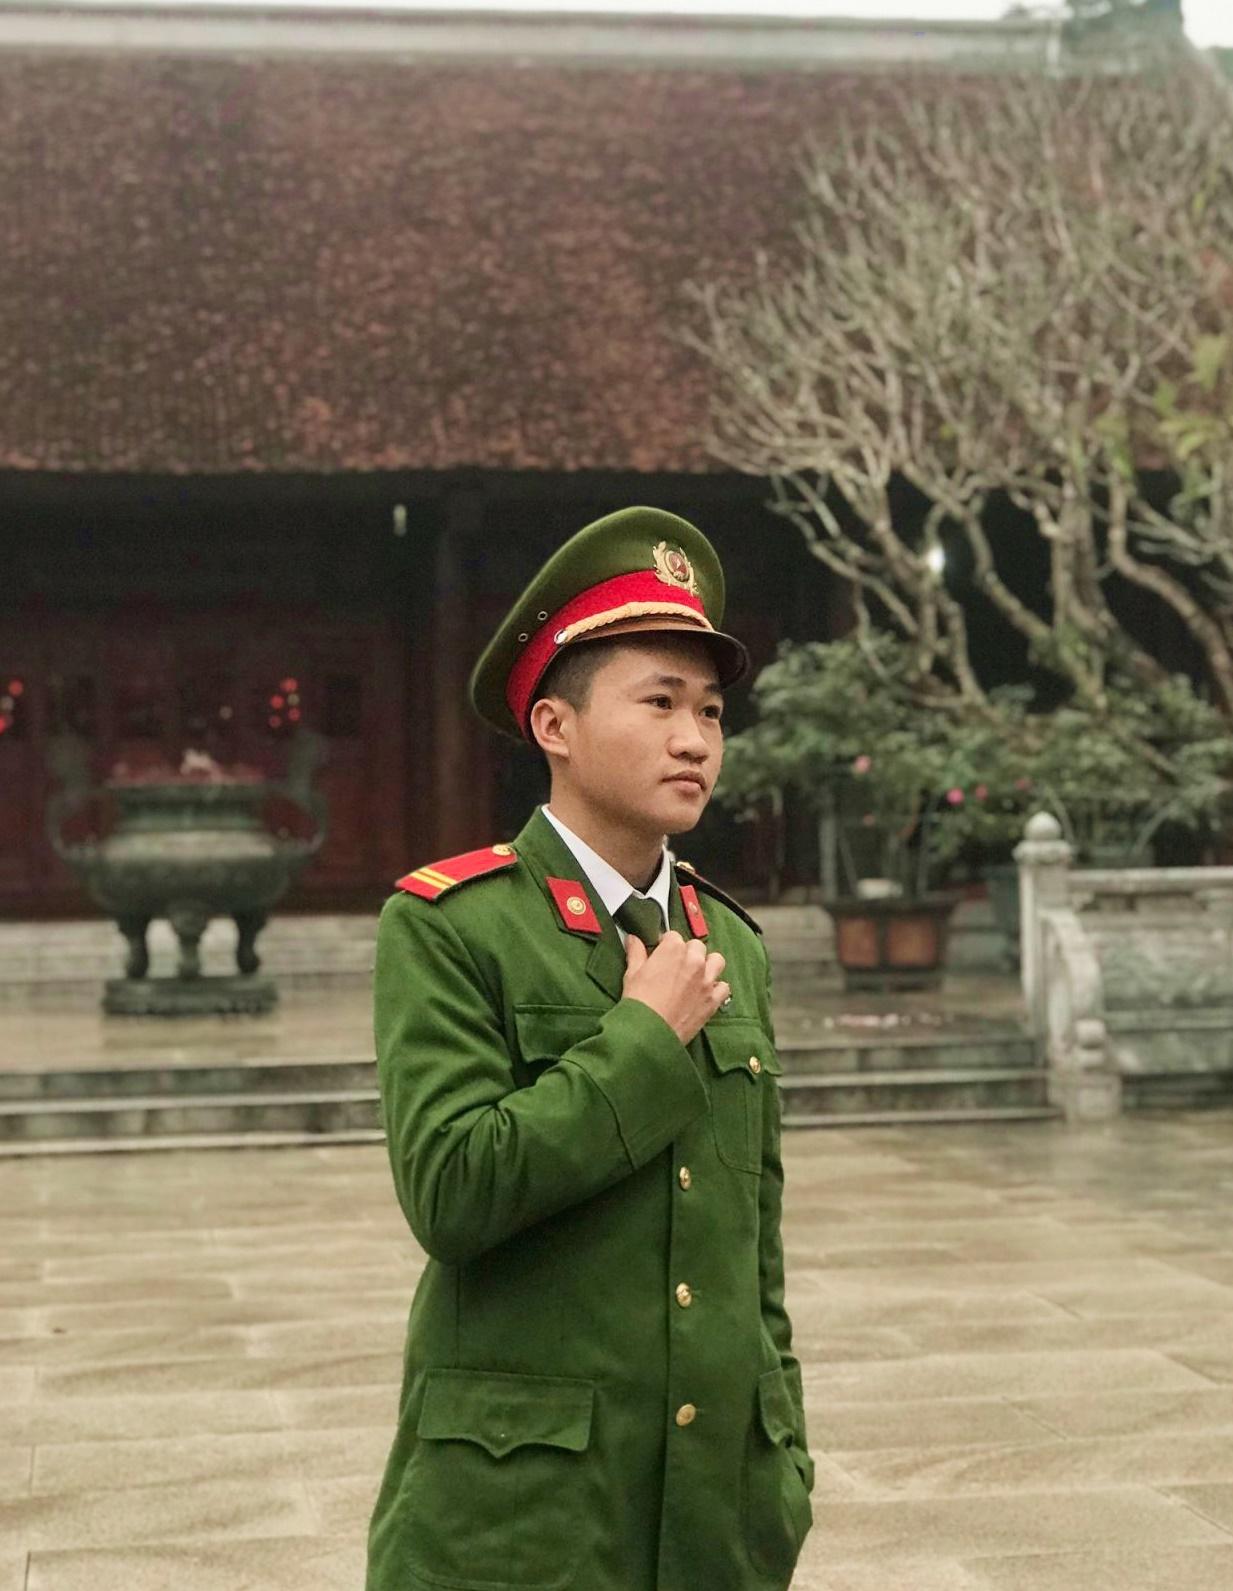 Trung sĩ Nguyễn Kim Huy, Tiểu đội cảnh sát bảo vệ Tỉnh ủy, Phòng Cảnh sát cơ động, Công an tỉnh Nghệ An. Ảnh: Nhân vật cung cấp